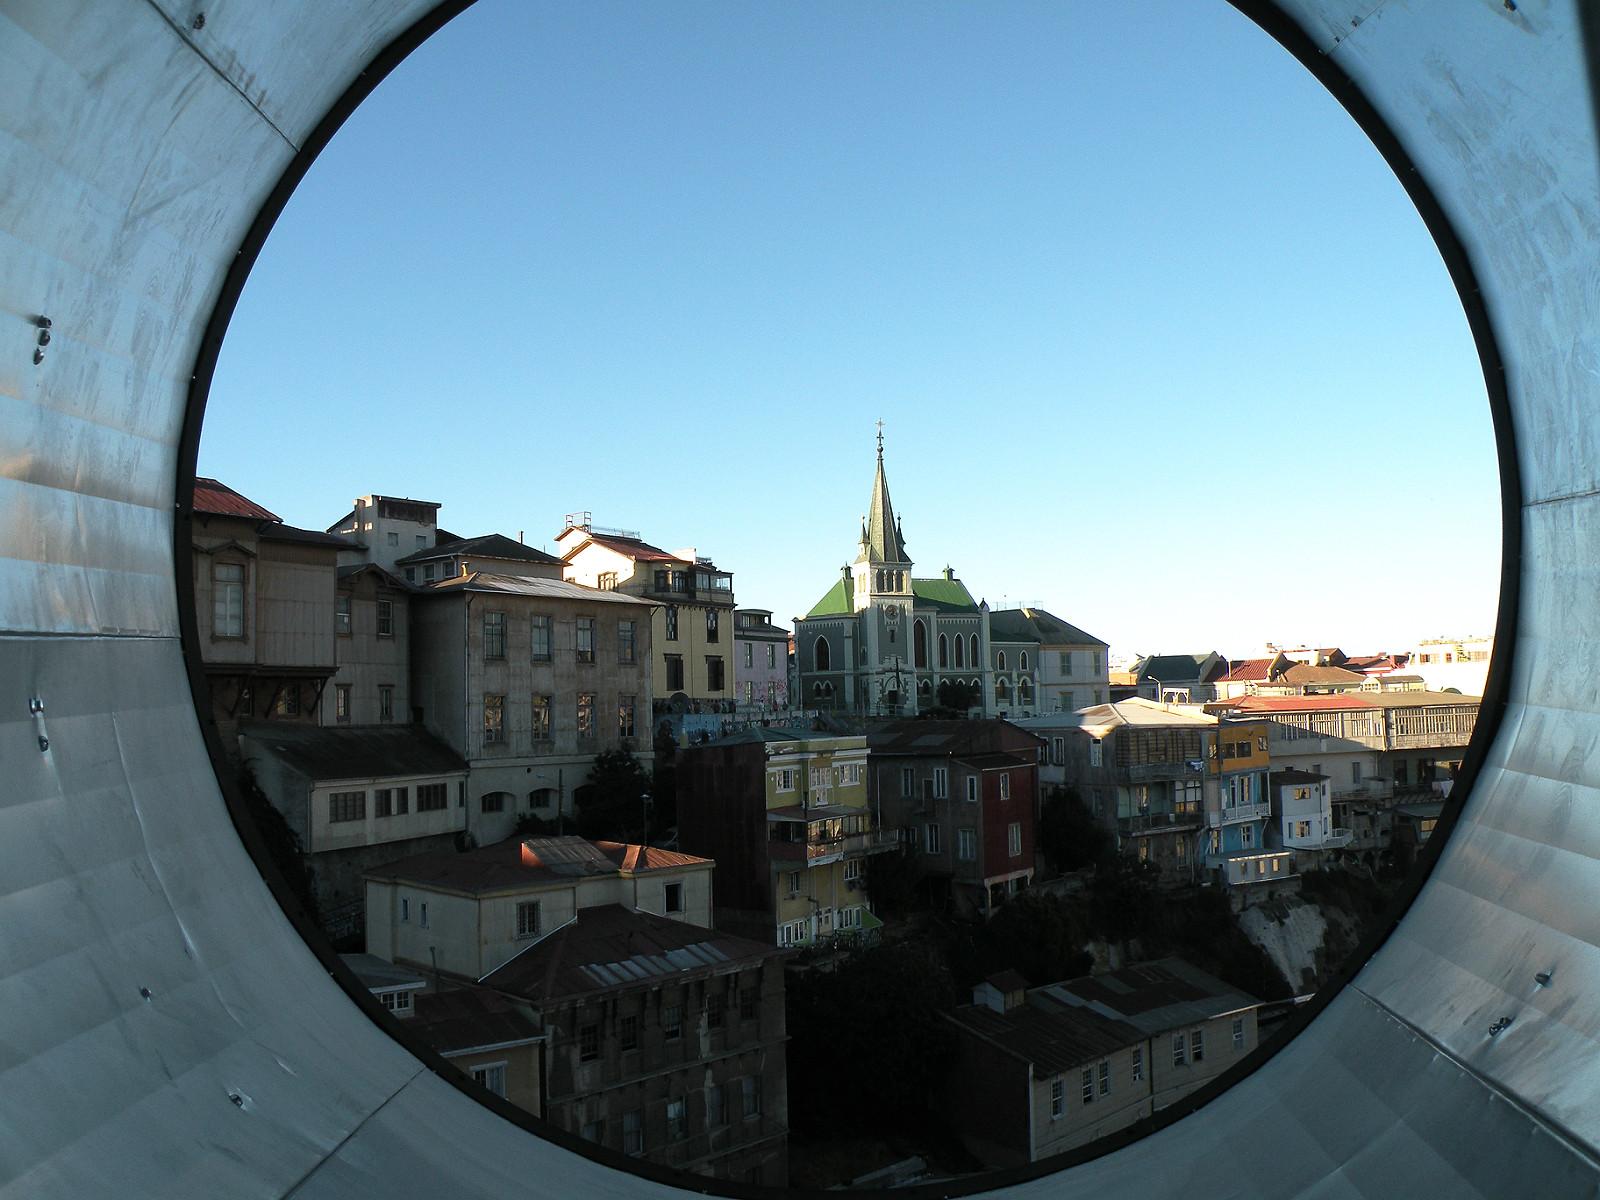 Intervención Urbana: Fonópticos en Valparaíso por Cecilia Nercasseau, Courtesy of Cecilia Nercasseau